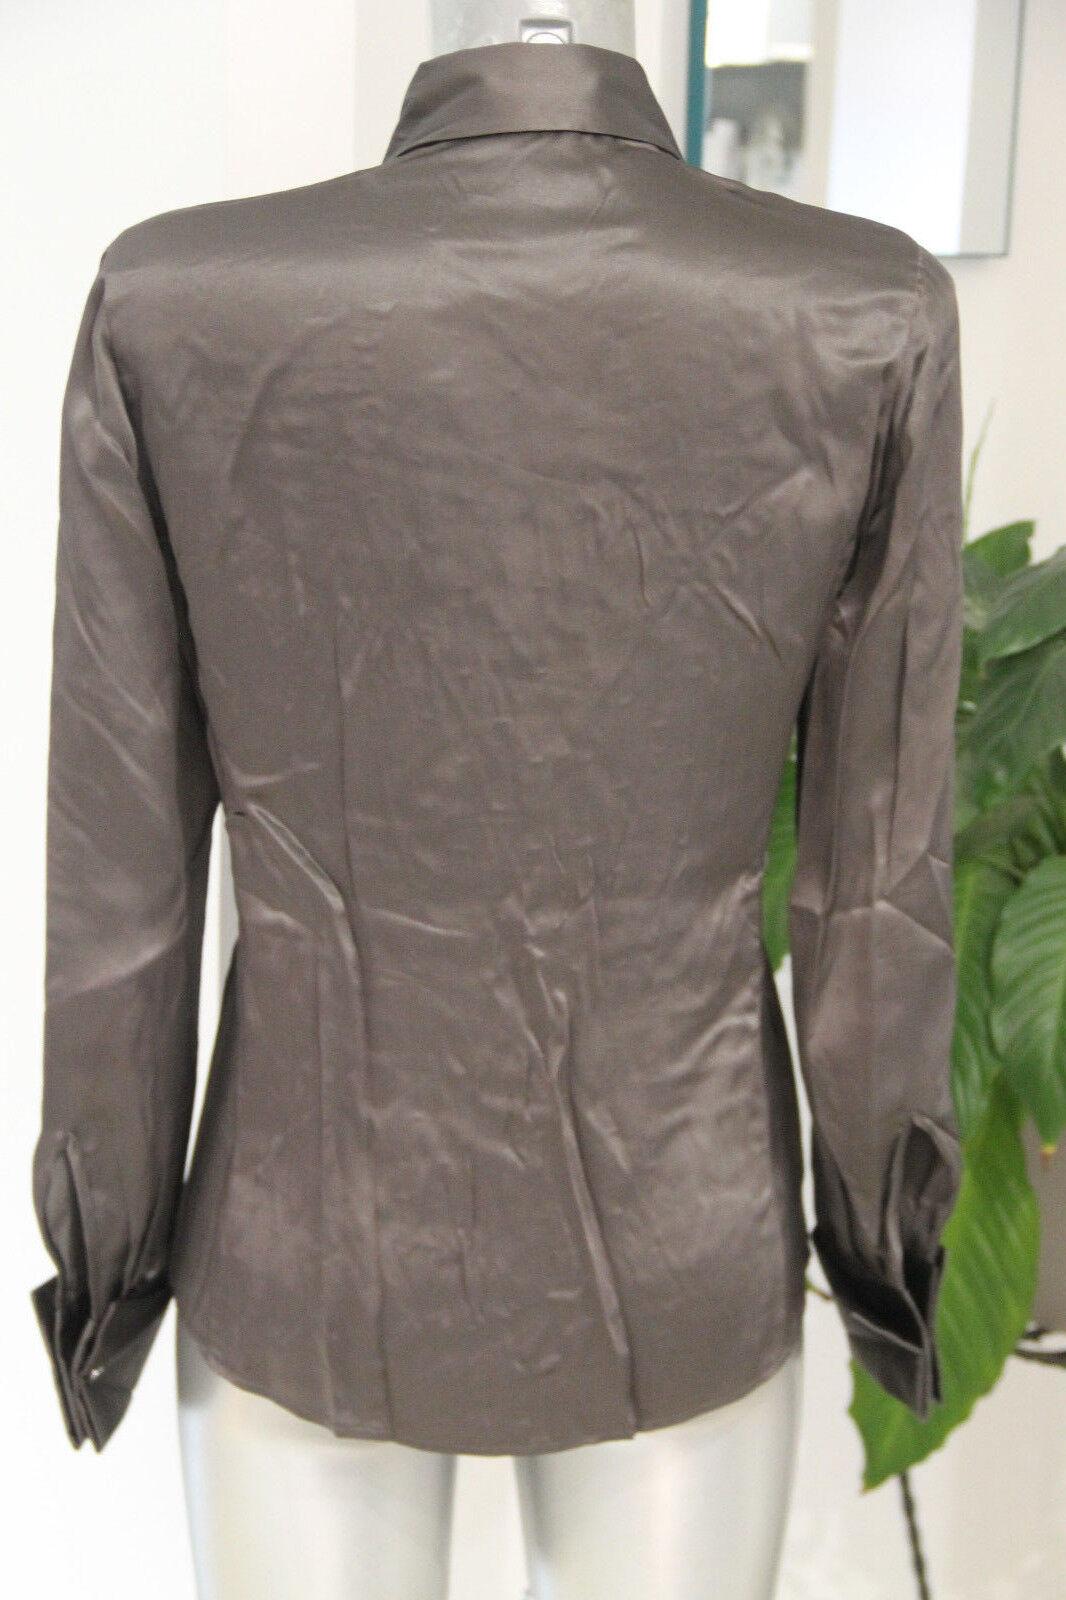 Carino Carino Carino camicia satinata openwork grigio talpa donna HUGO BOSS taglia 40 014b6a